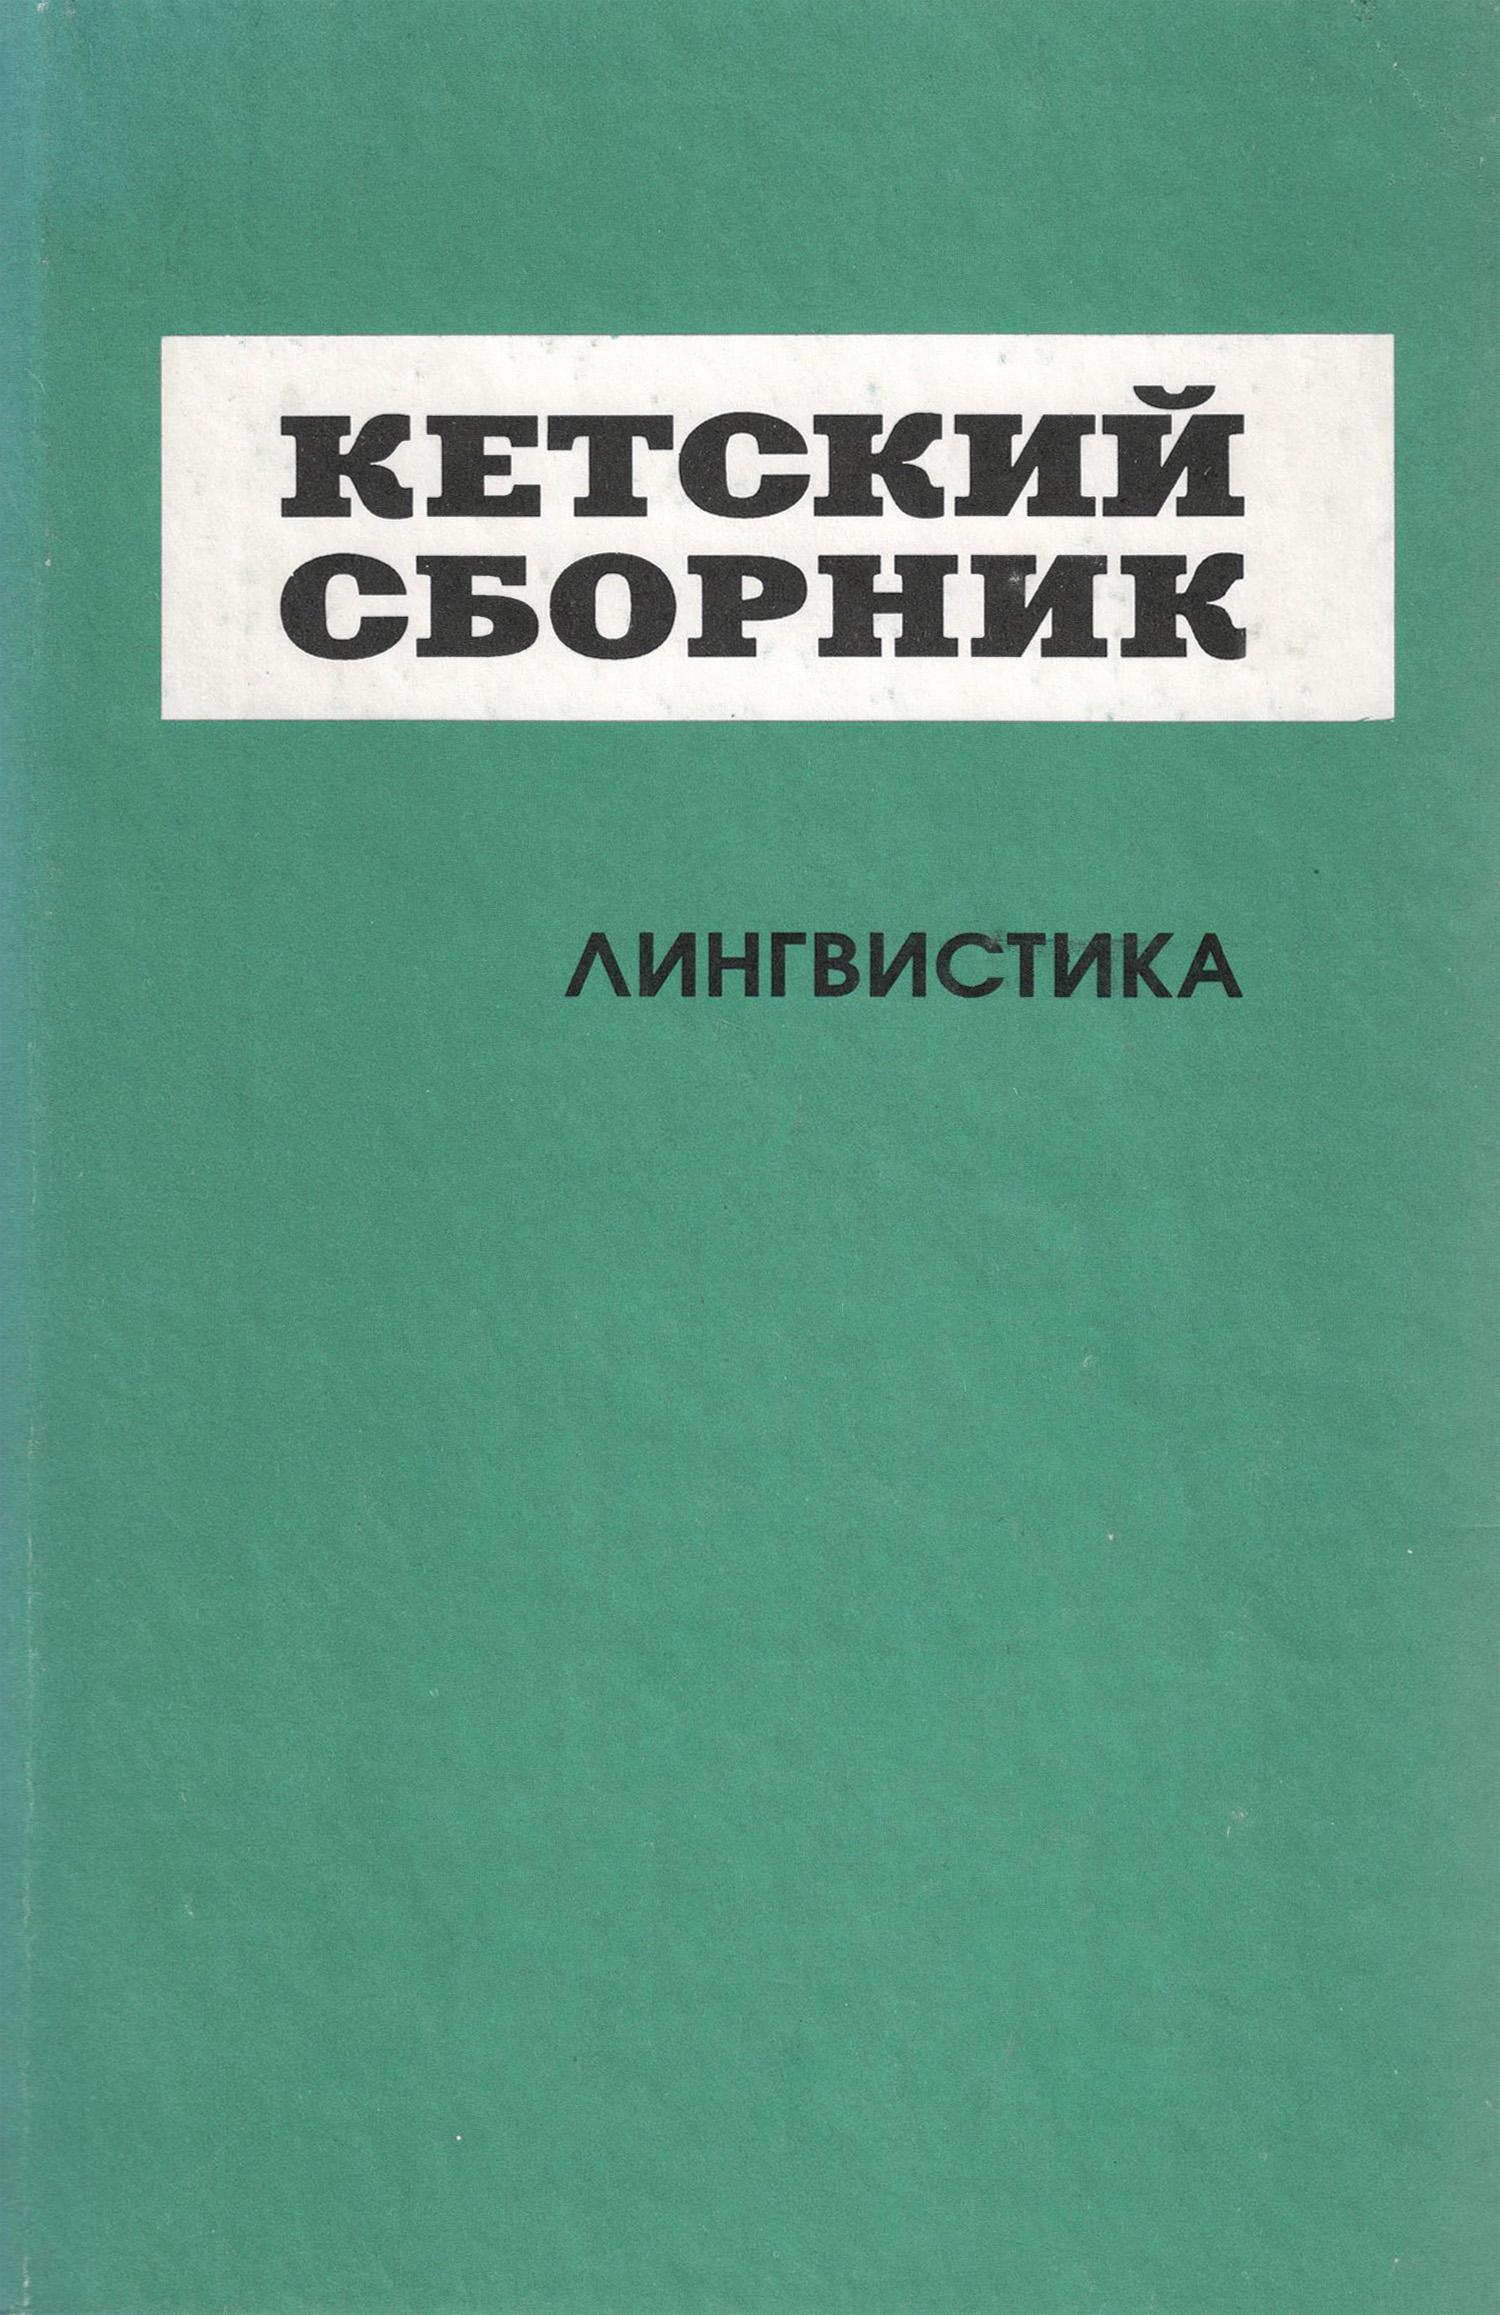 Сборник Кетский сборник. Выпуск 4. Лингвистика